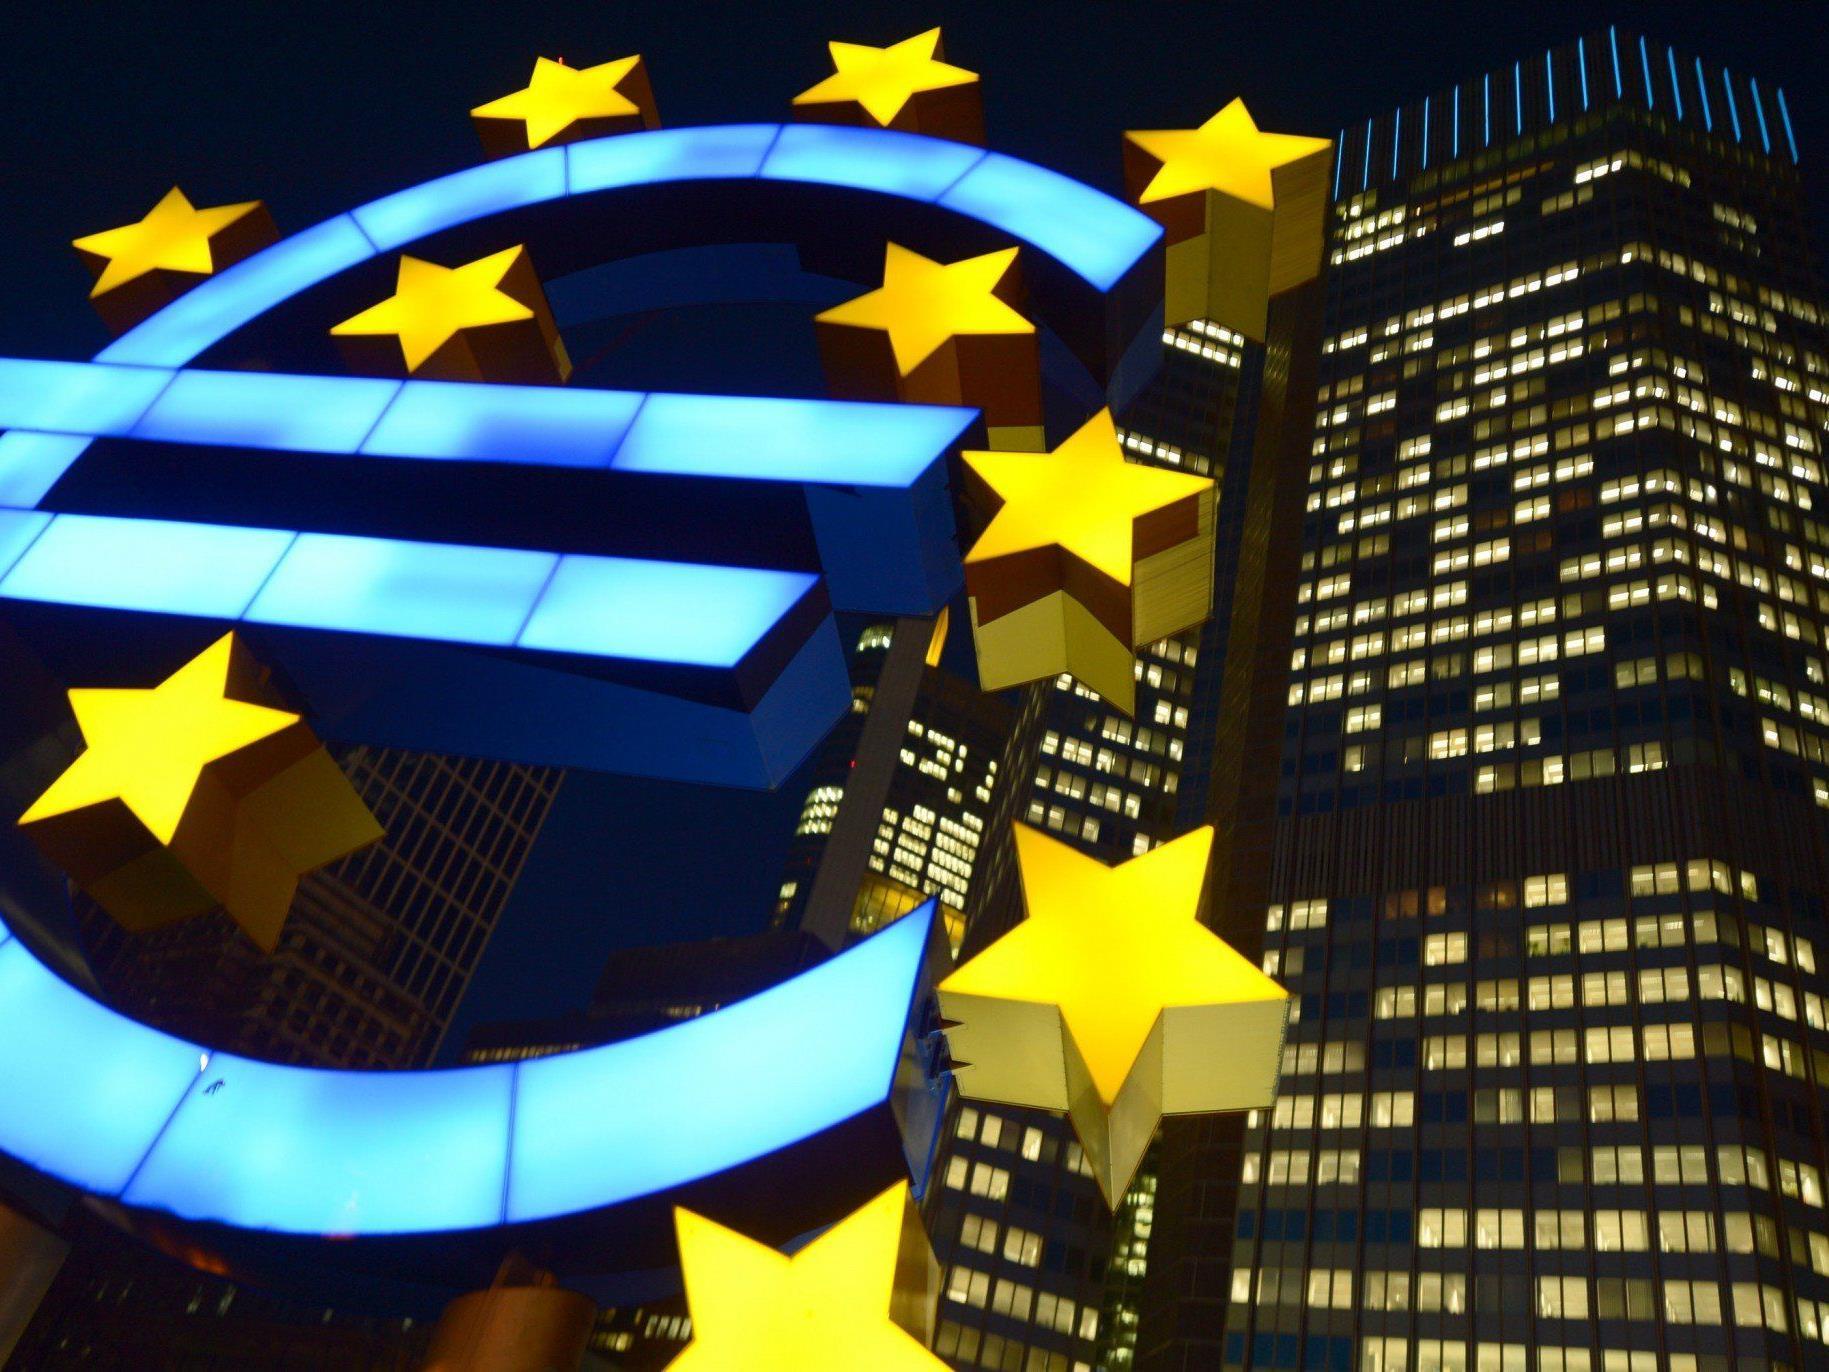 Rekordtiefe Zinsen: Interesse an Wertpapieren steigt.